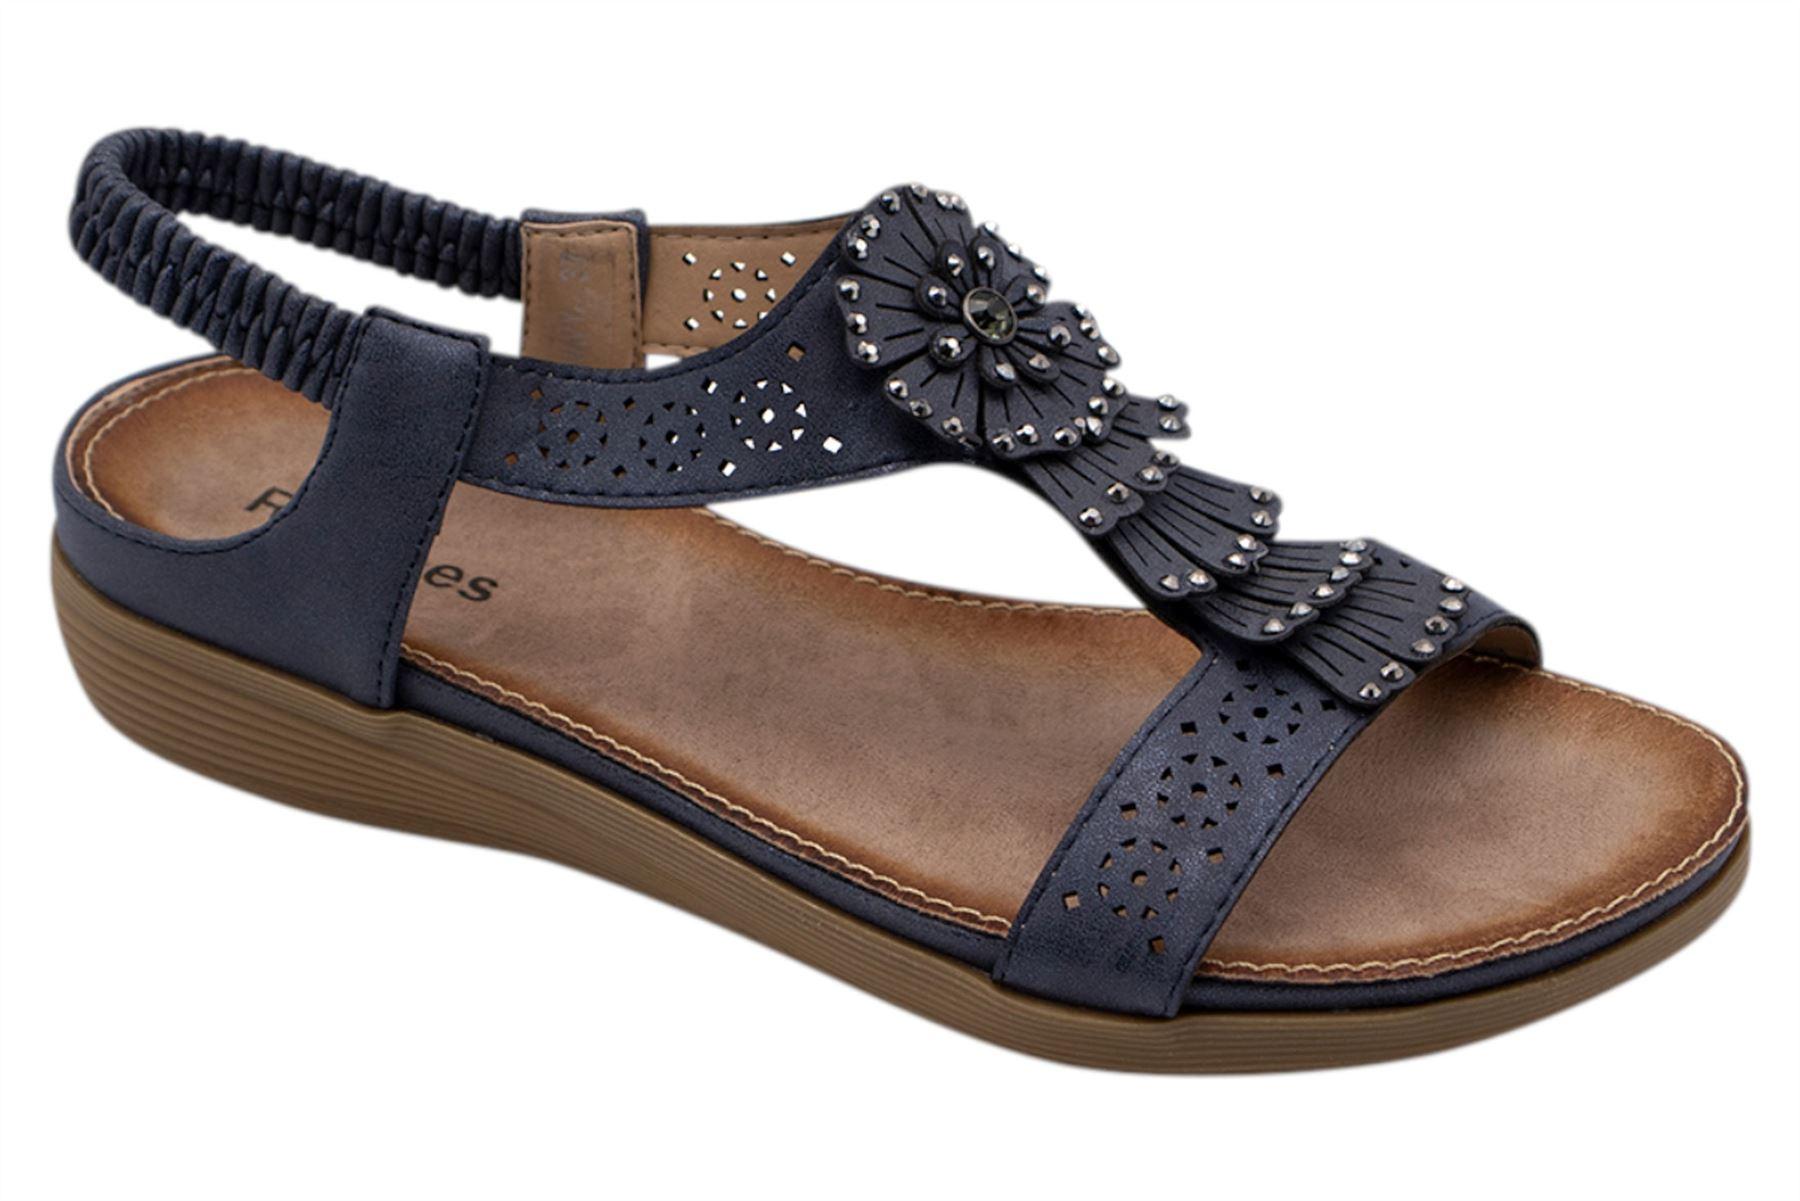 Ladies-Sandals-Womens-Shiny-Flat-Flip-Flop-Beach-Sliders miniatura 27